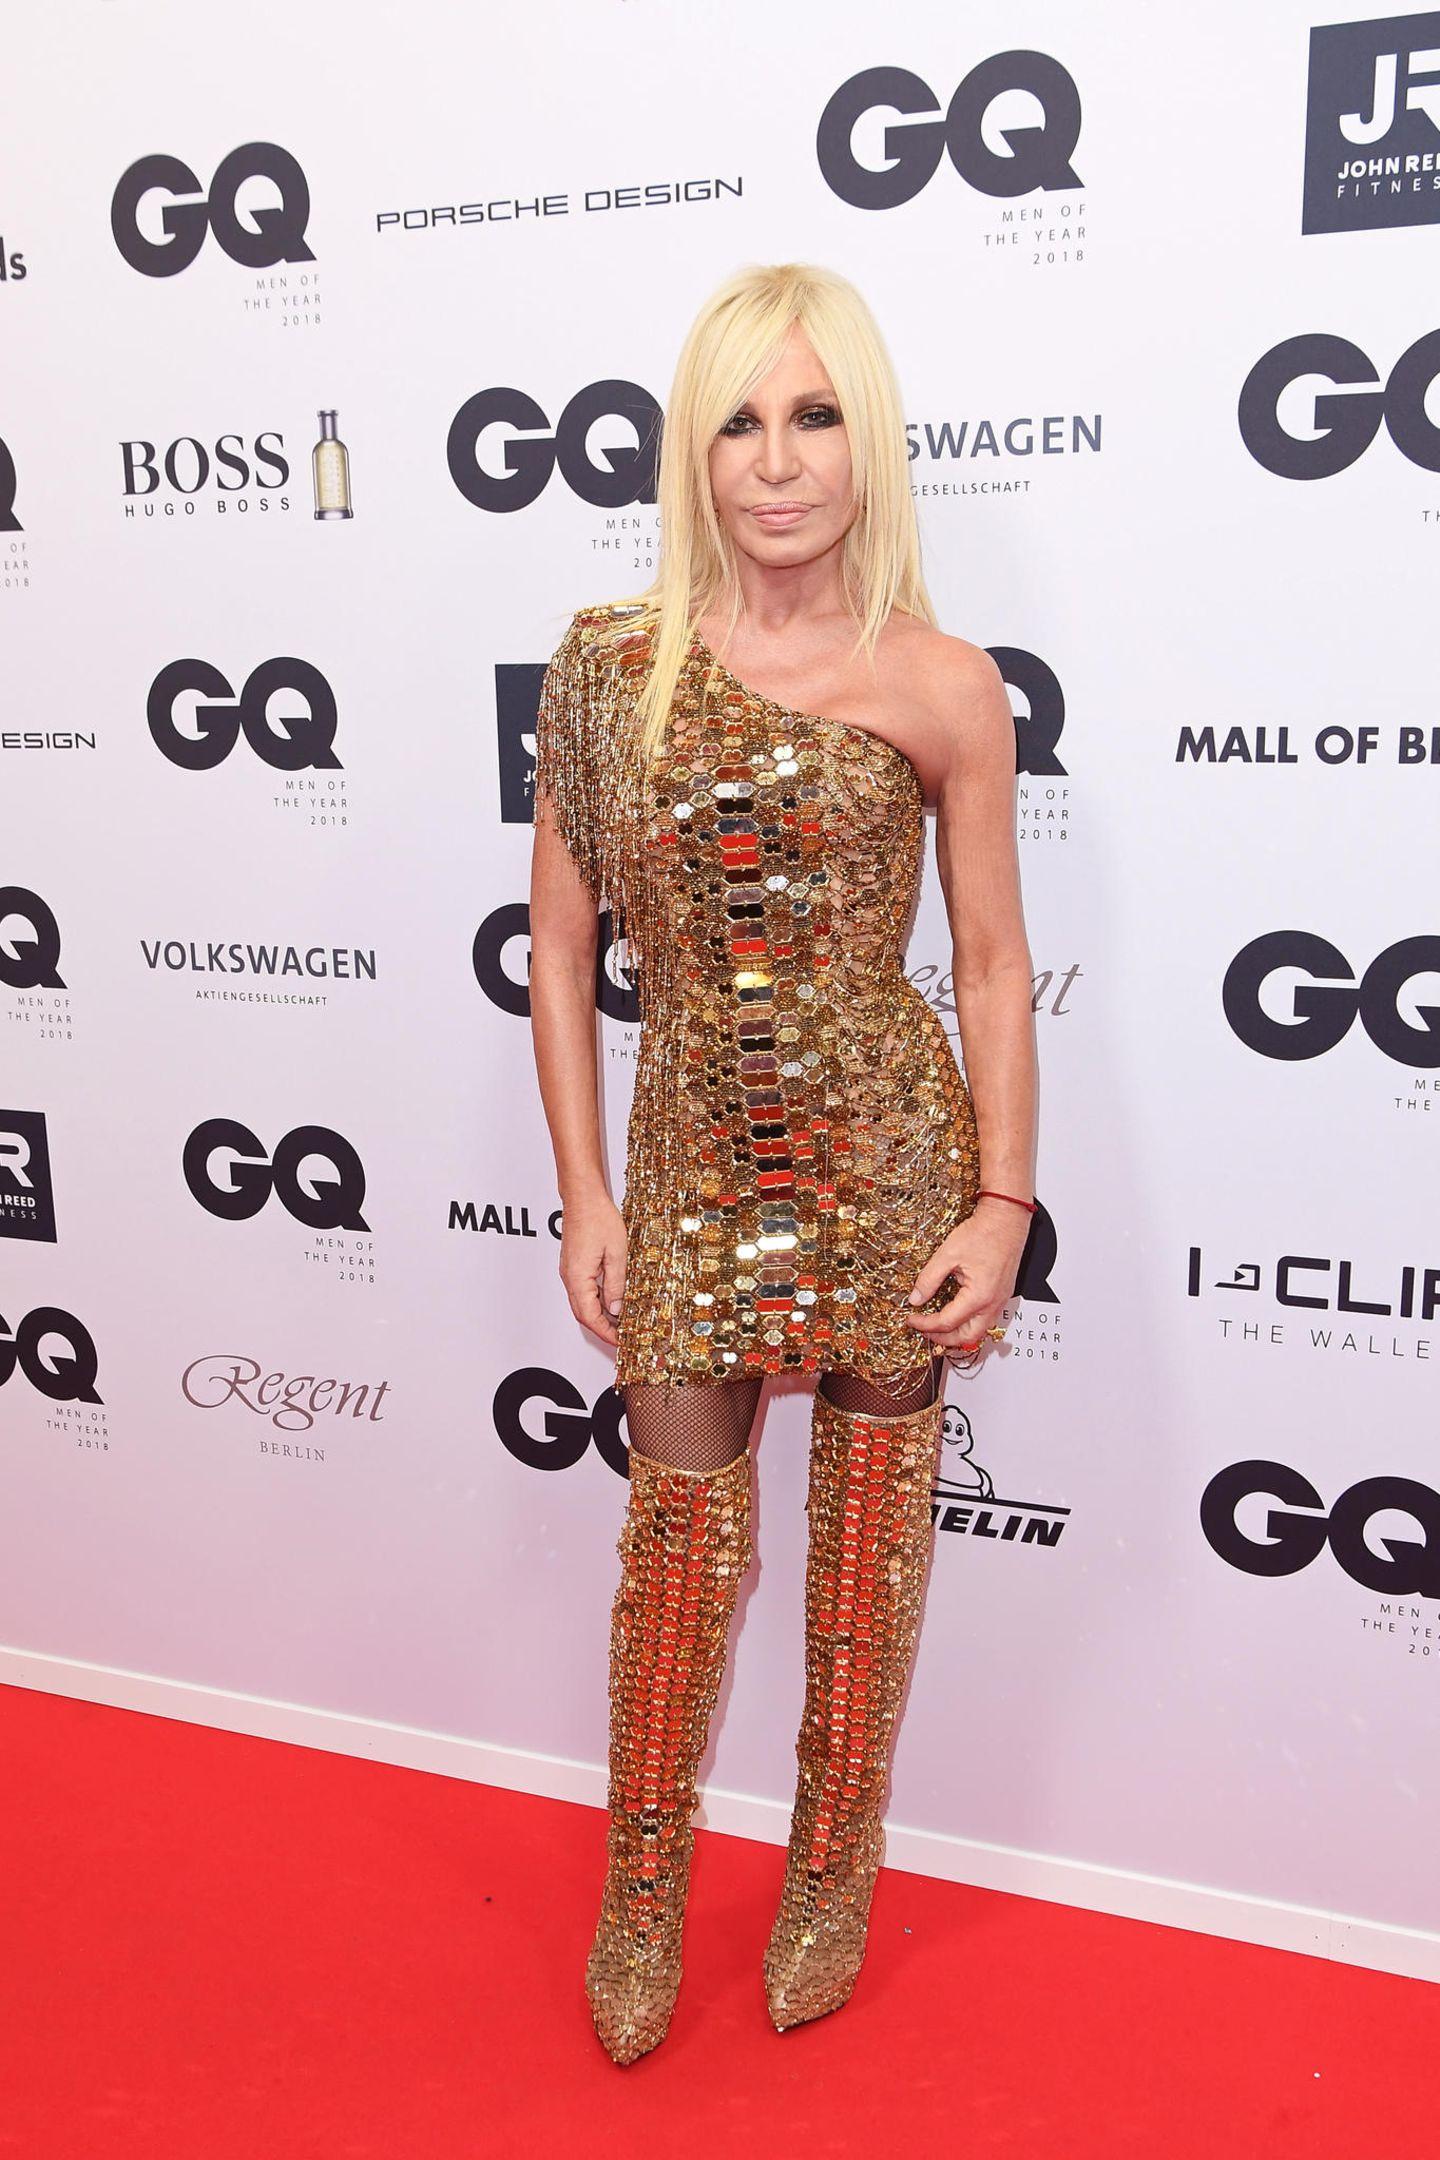 """Donatella Versace weiß, wie ein Auftritt auf dem roten Teppich auszusehen hat. Sie funkelt im goldenen Minikleid und freut sich über die Auszeichnung der """"Fashion Icon""""."""